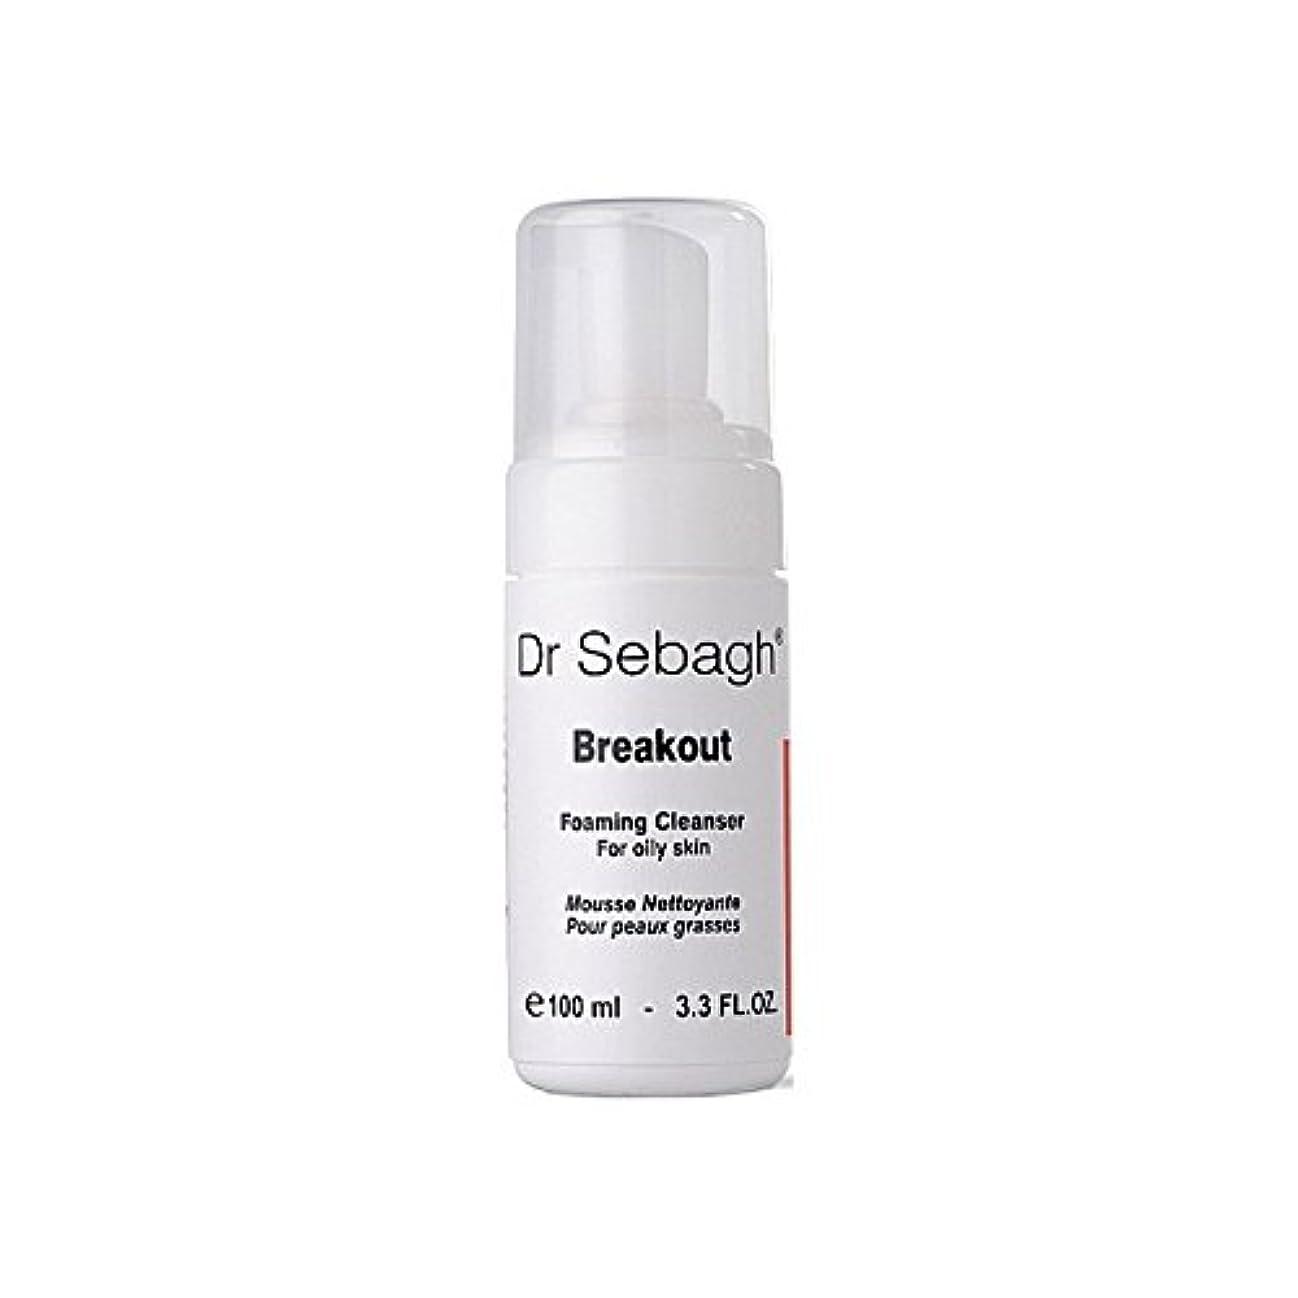 中級紀元前花輪クレンザーを発泡の のブレイクアウト x2 - Dr Sebagh Breakout Foaming Cleanser (Pack of 2) [並行輸入品]